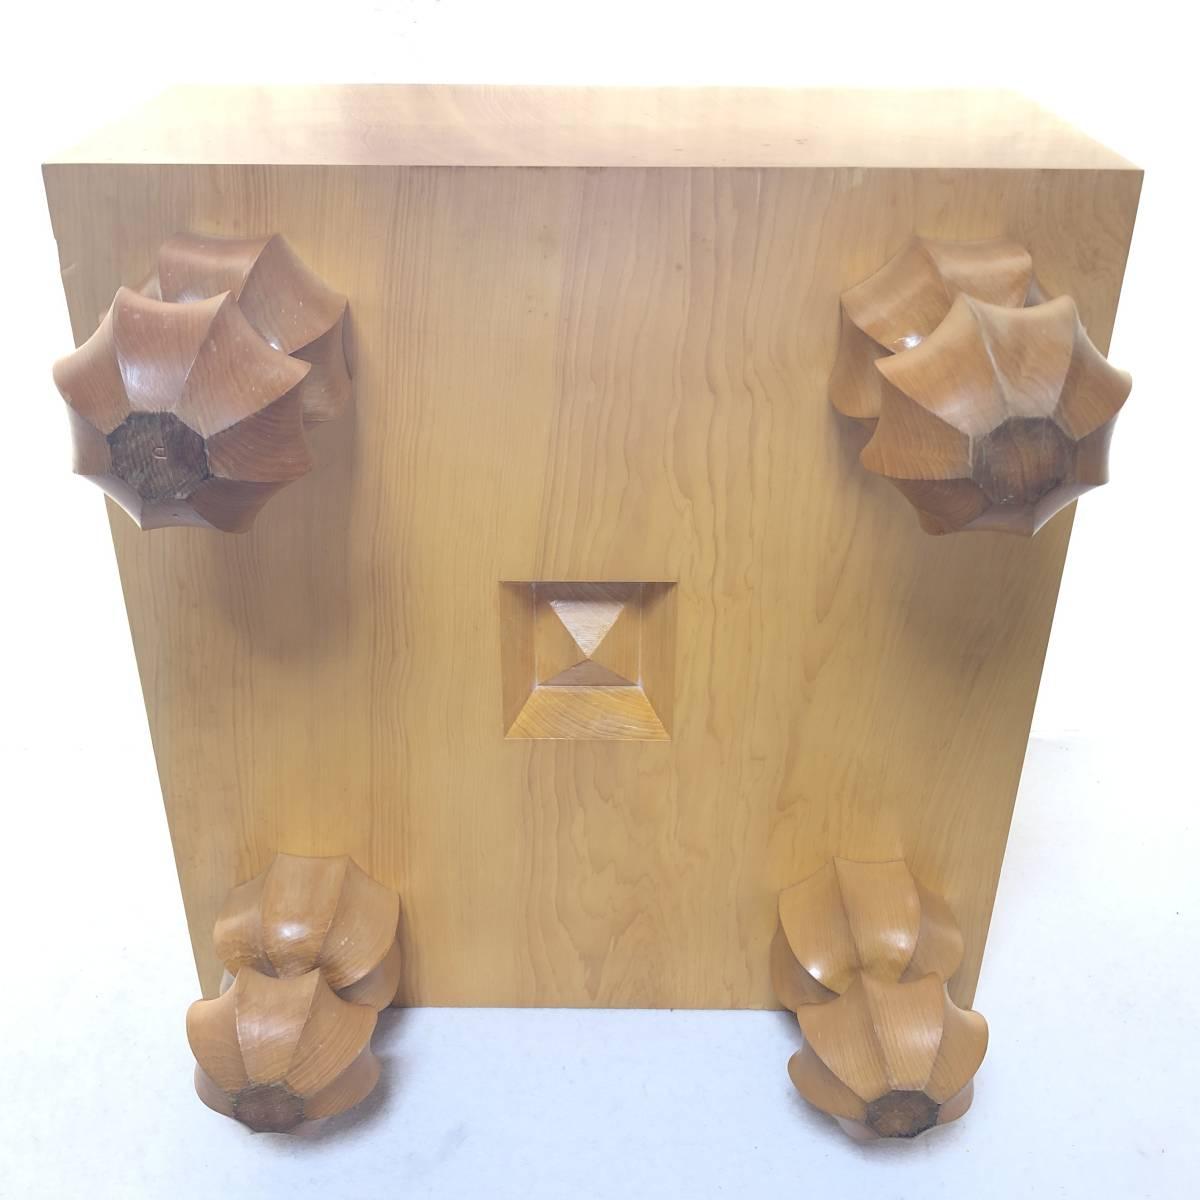 囲碁道具 碁盤 天然木 天柾 厚さ19cm 6寸2分 約21kg